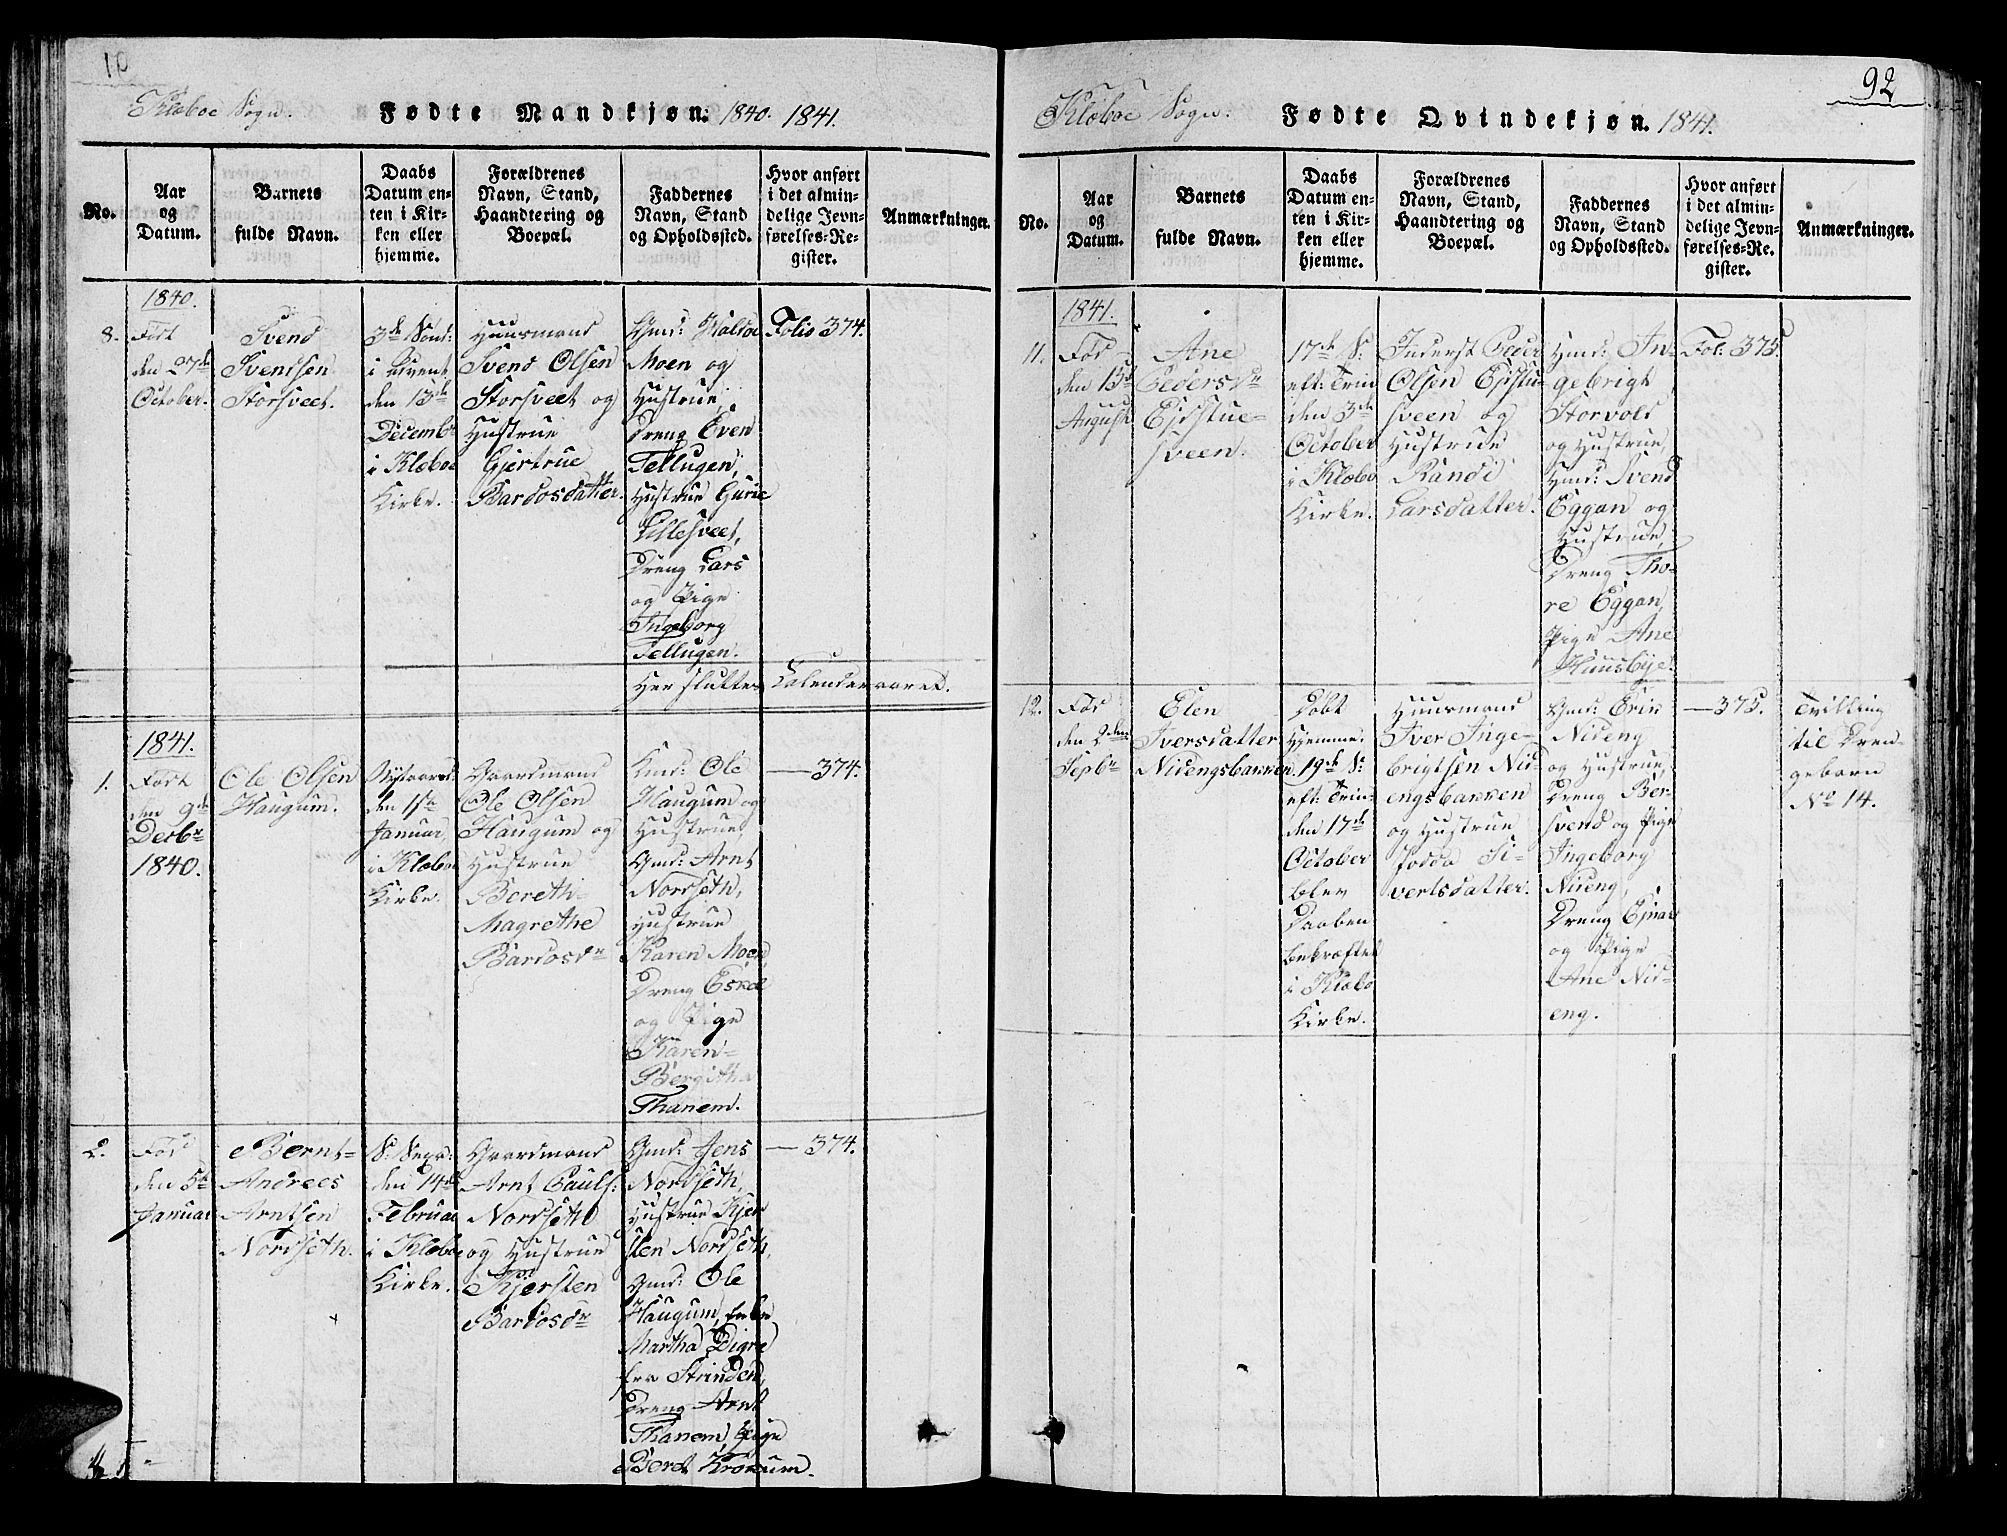 SAT, Ministerialprotokoller, klokkerbøker og fødselsregistre - Sør-Trøndelag, 618/L0450: Klokkerbok nr. 618C01, 1816-1865, s. 92